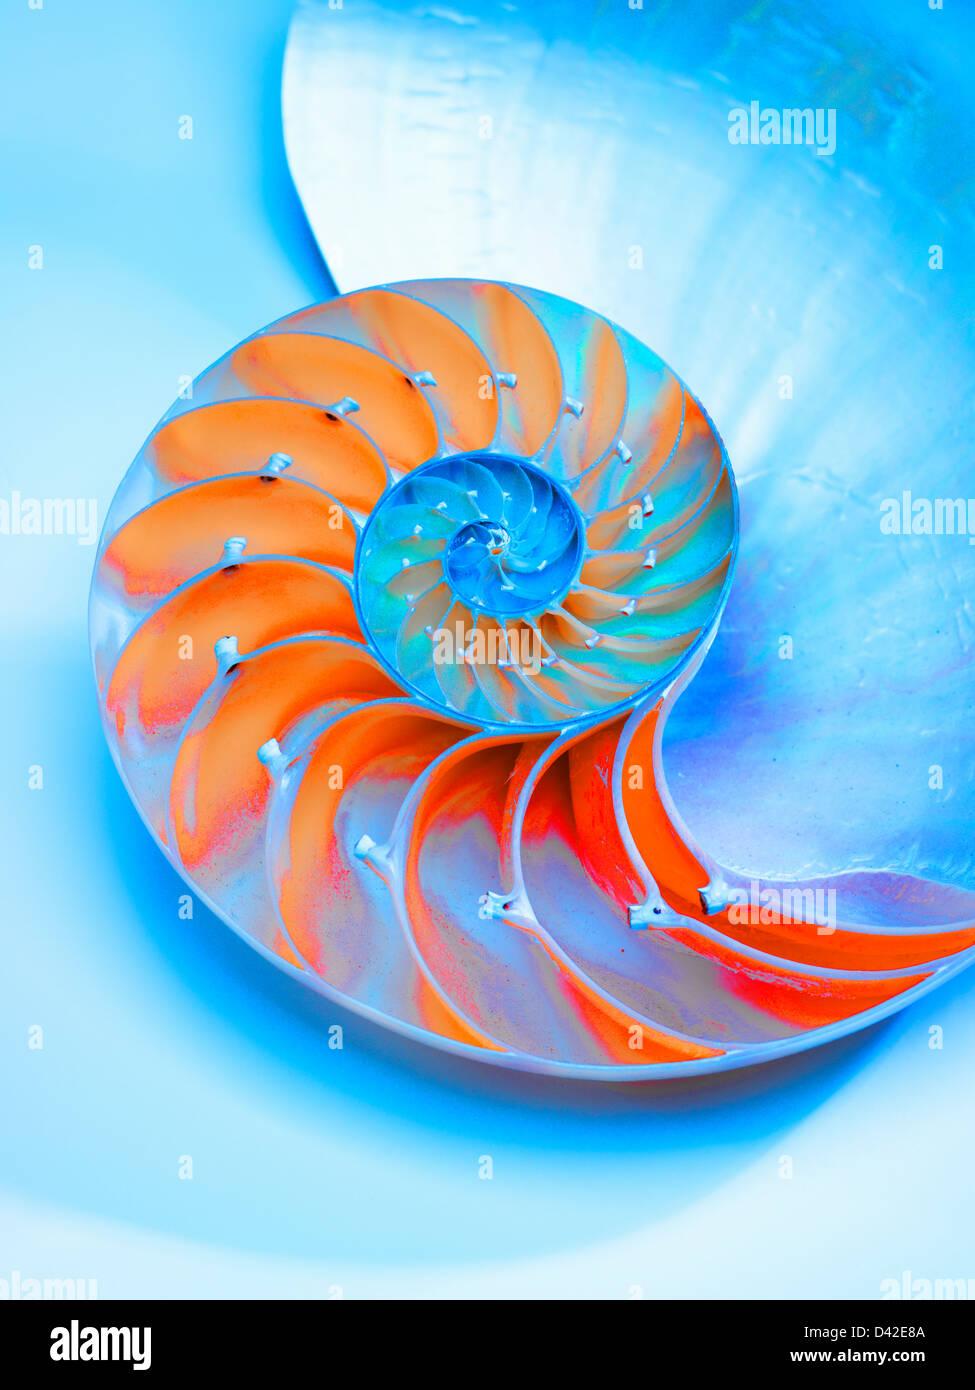 Meeresschnecke in der Mitte zeigt die Kammern, Nautilus Pompilus, Gattung Nautilus halbiert Stockfoto